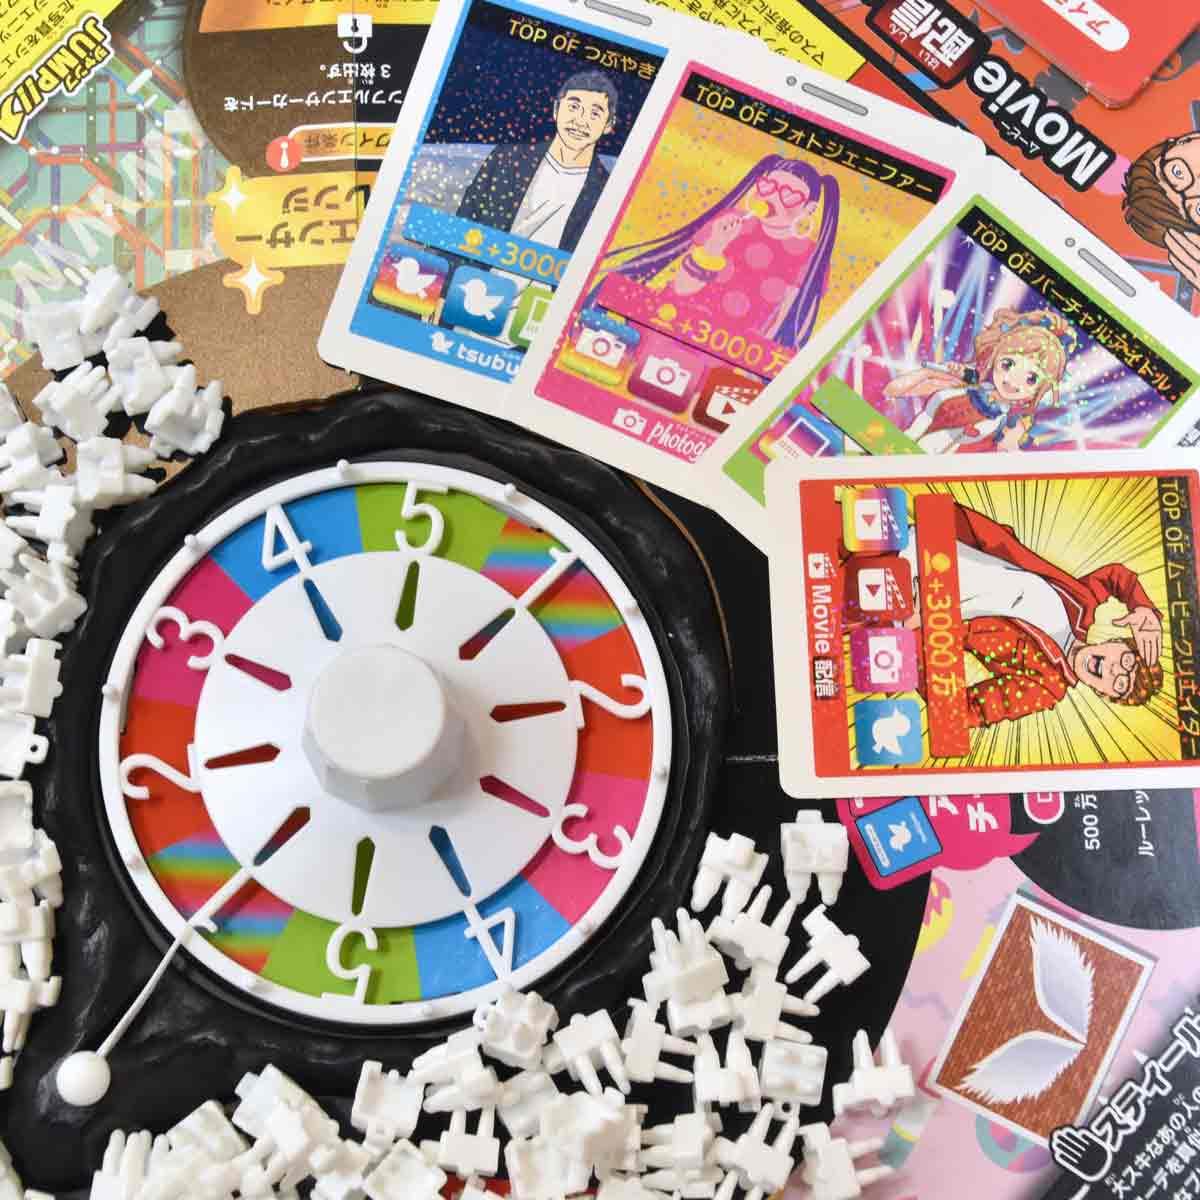 「令和」版作るの早っ! 金ではなくフォロワーを集める「人生ゲーム+」で遊んでみた